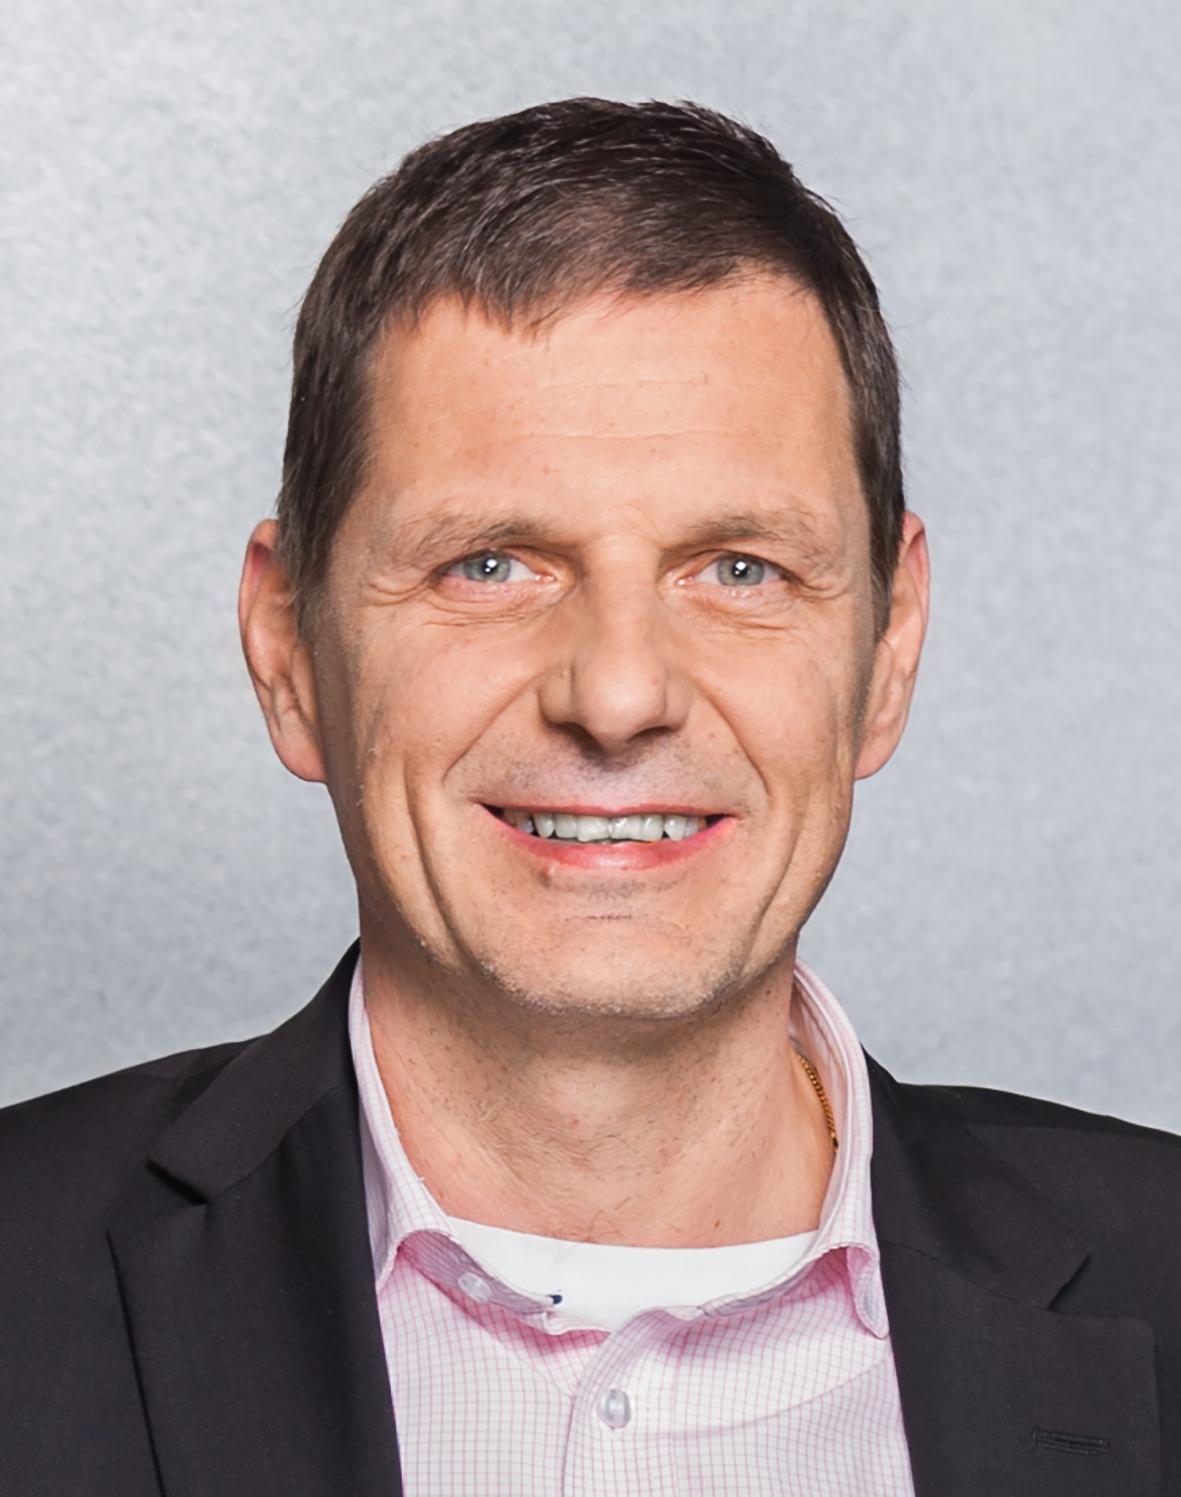 Kurt J. Egger, Geschäftsführer der prinux GmbH